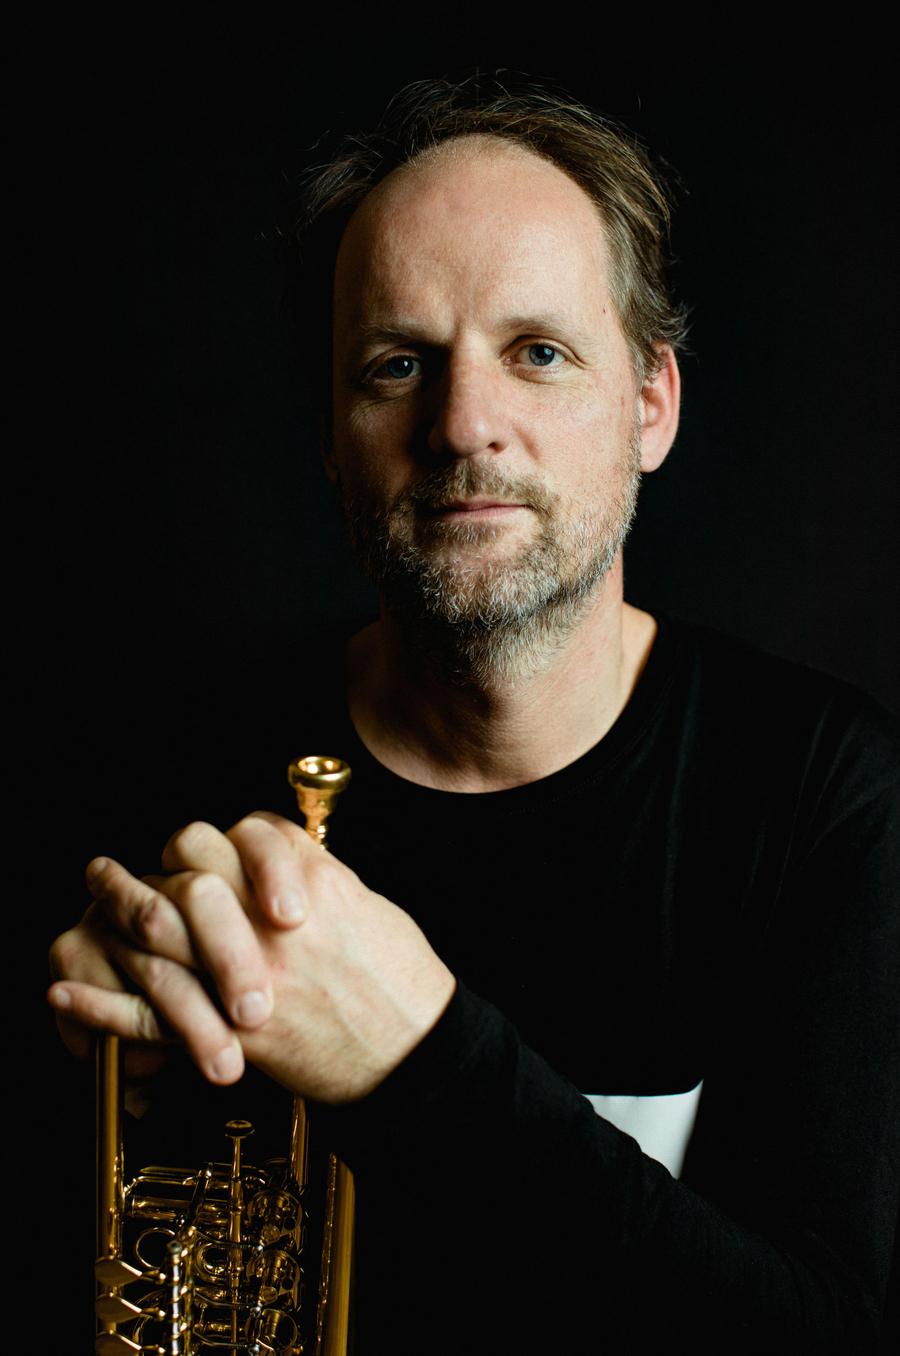 Andreas Schett